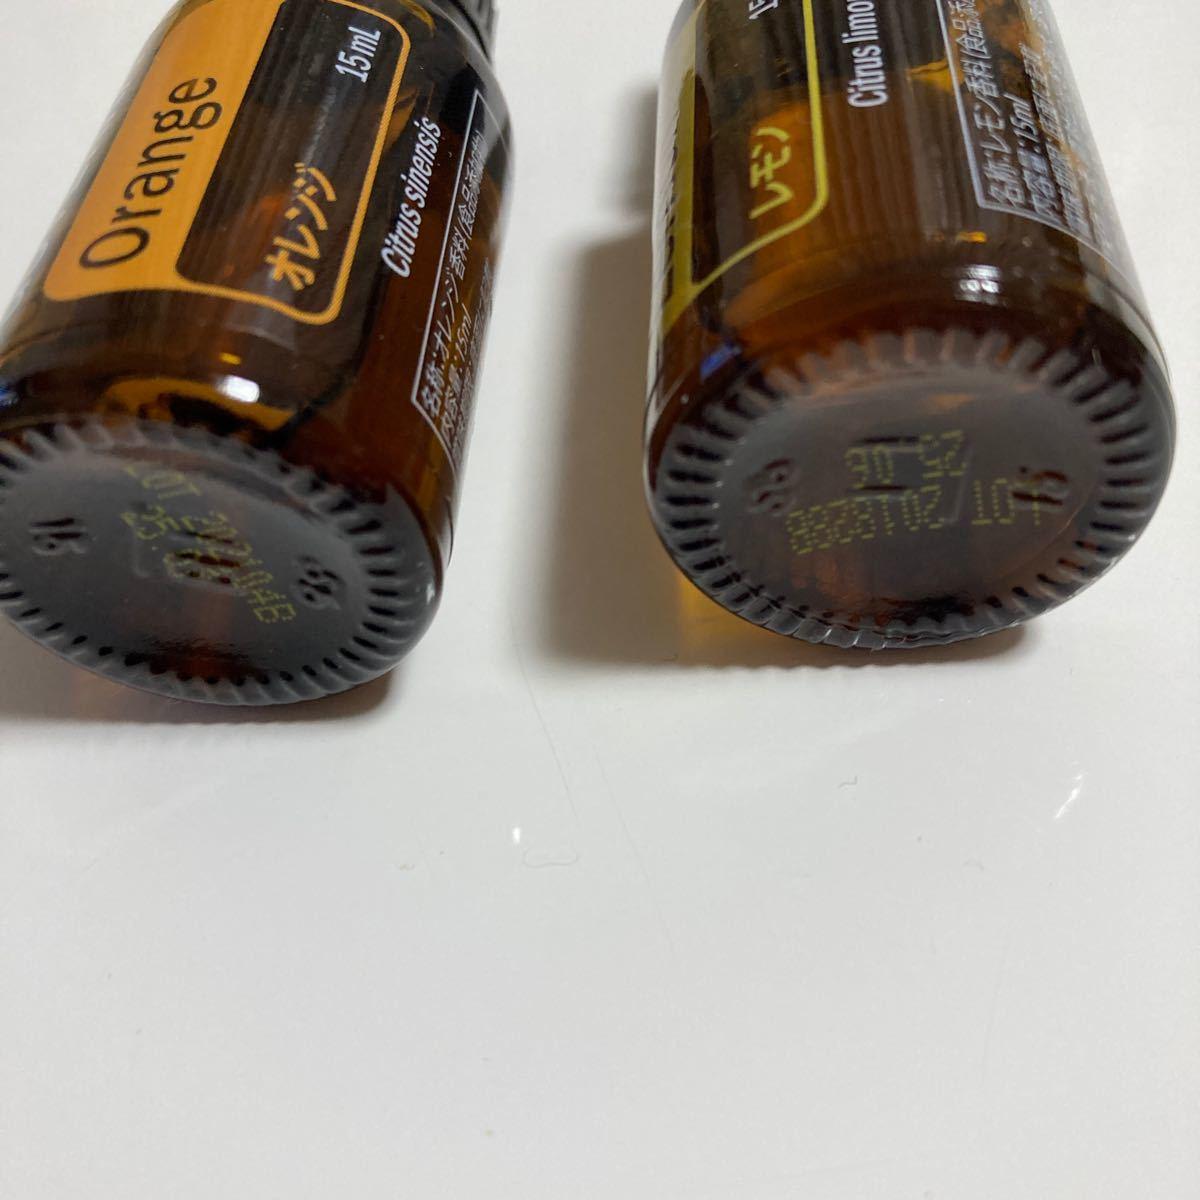 エッセンシャルオイル ドテラ柑橘系2本セット doTERRA